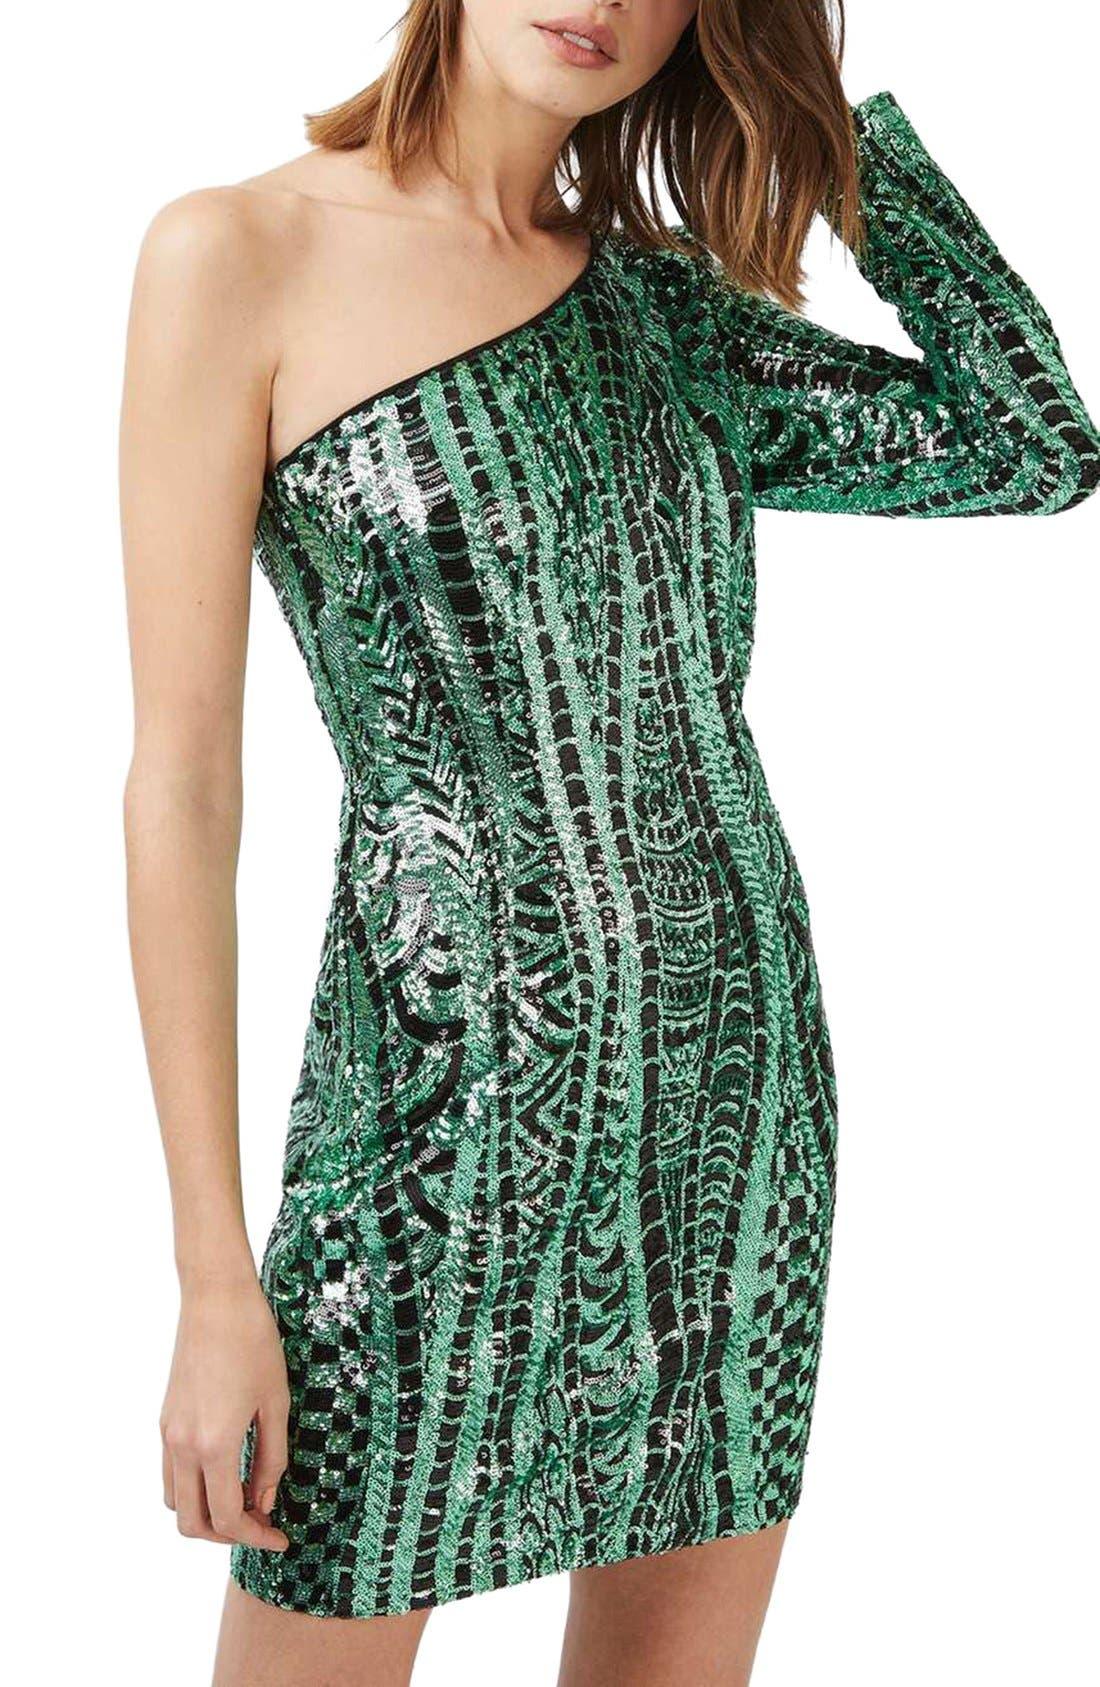 Alternate Image 1 Selected - Topshop One Shoulder Sequin Dress